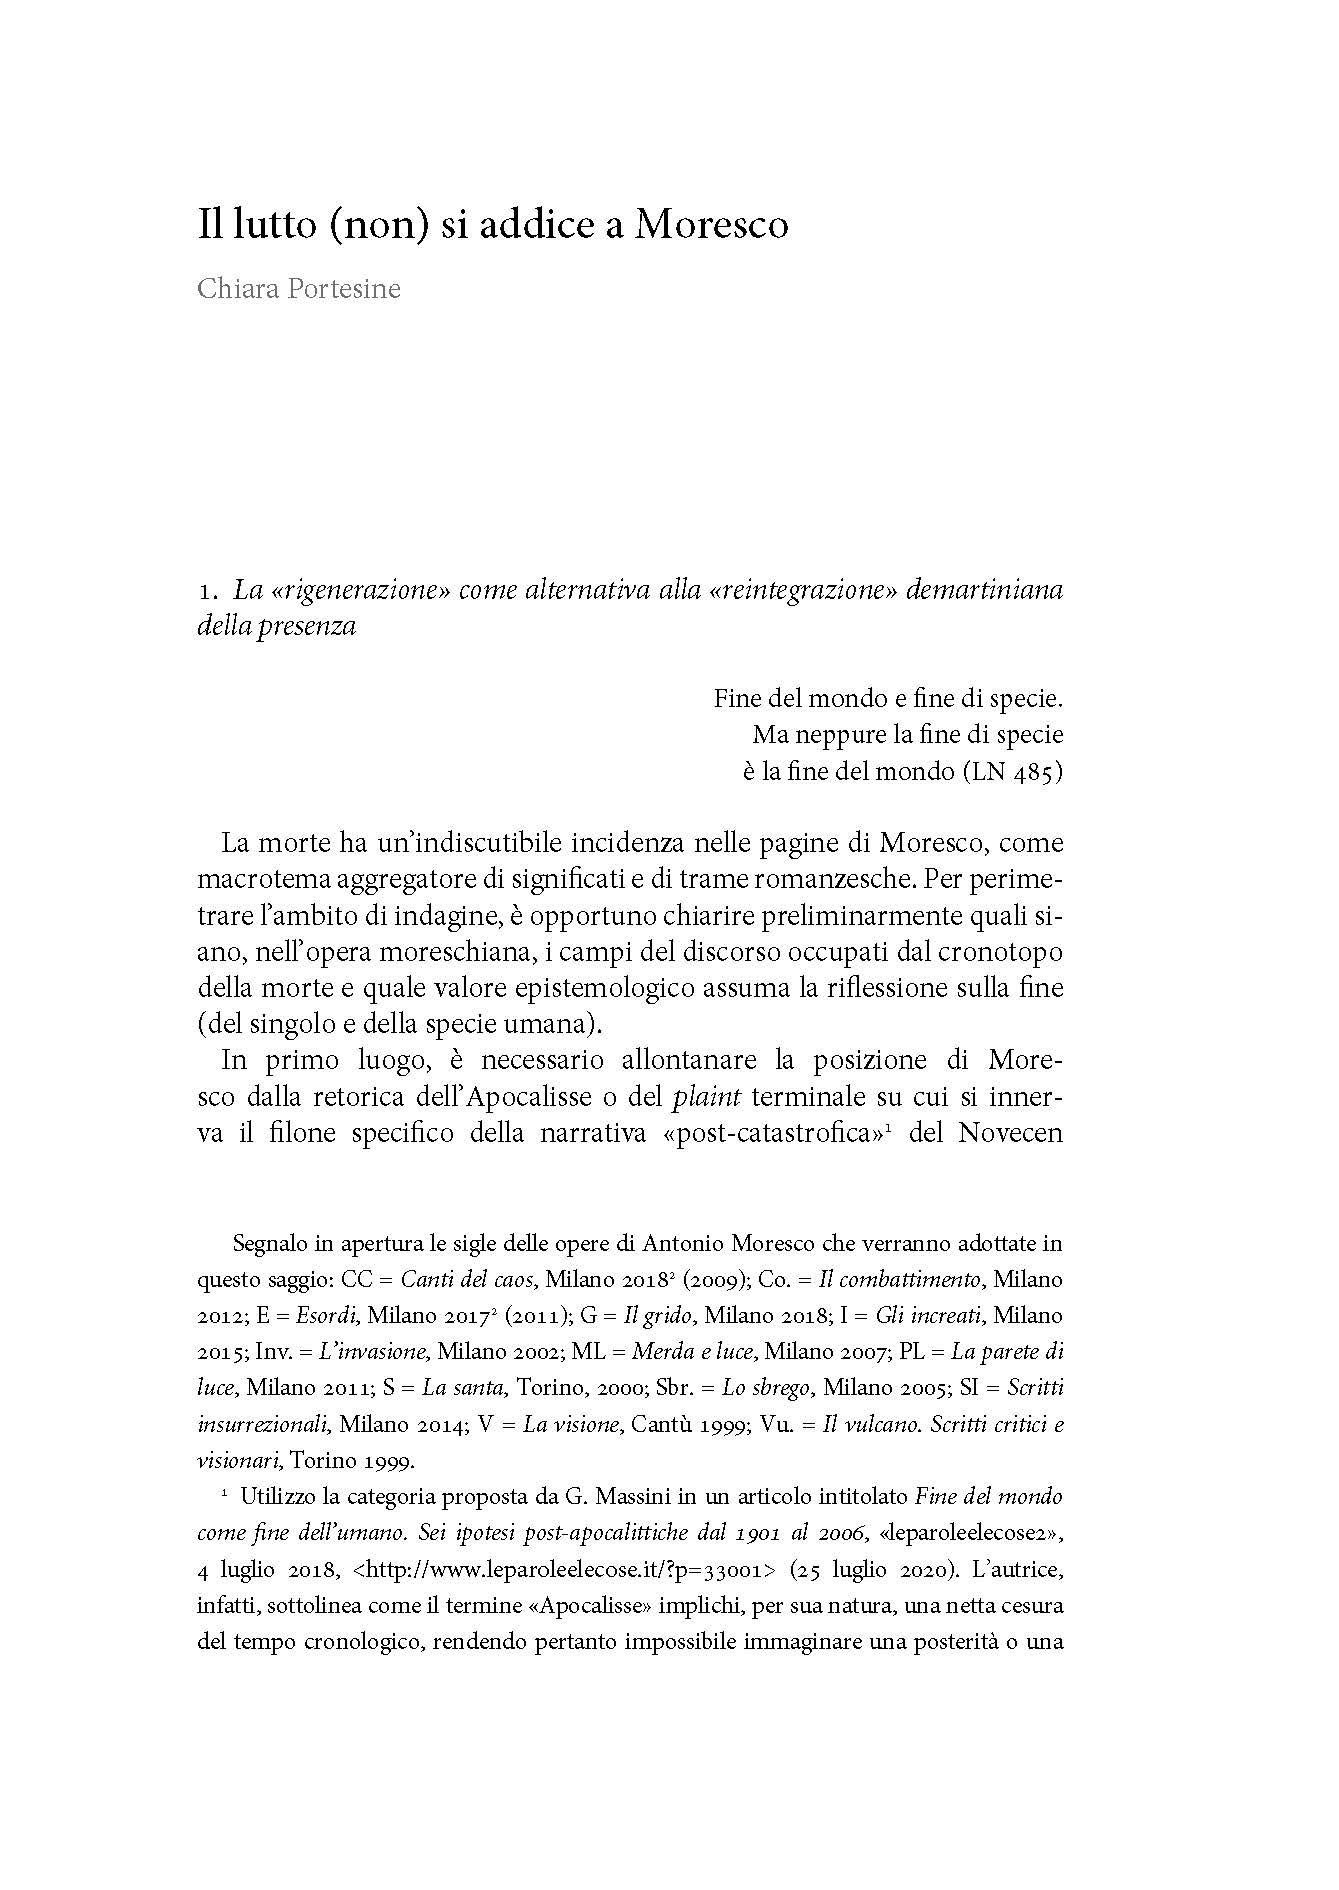 Il lutto (non) si addice a Moresco